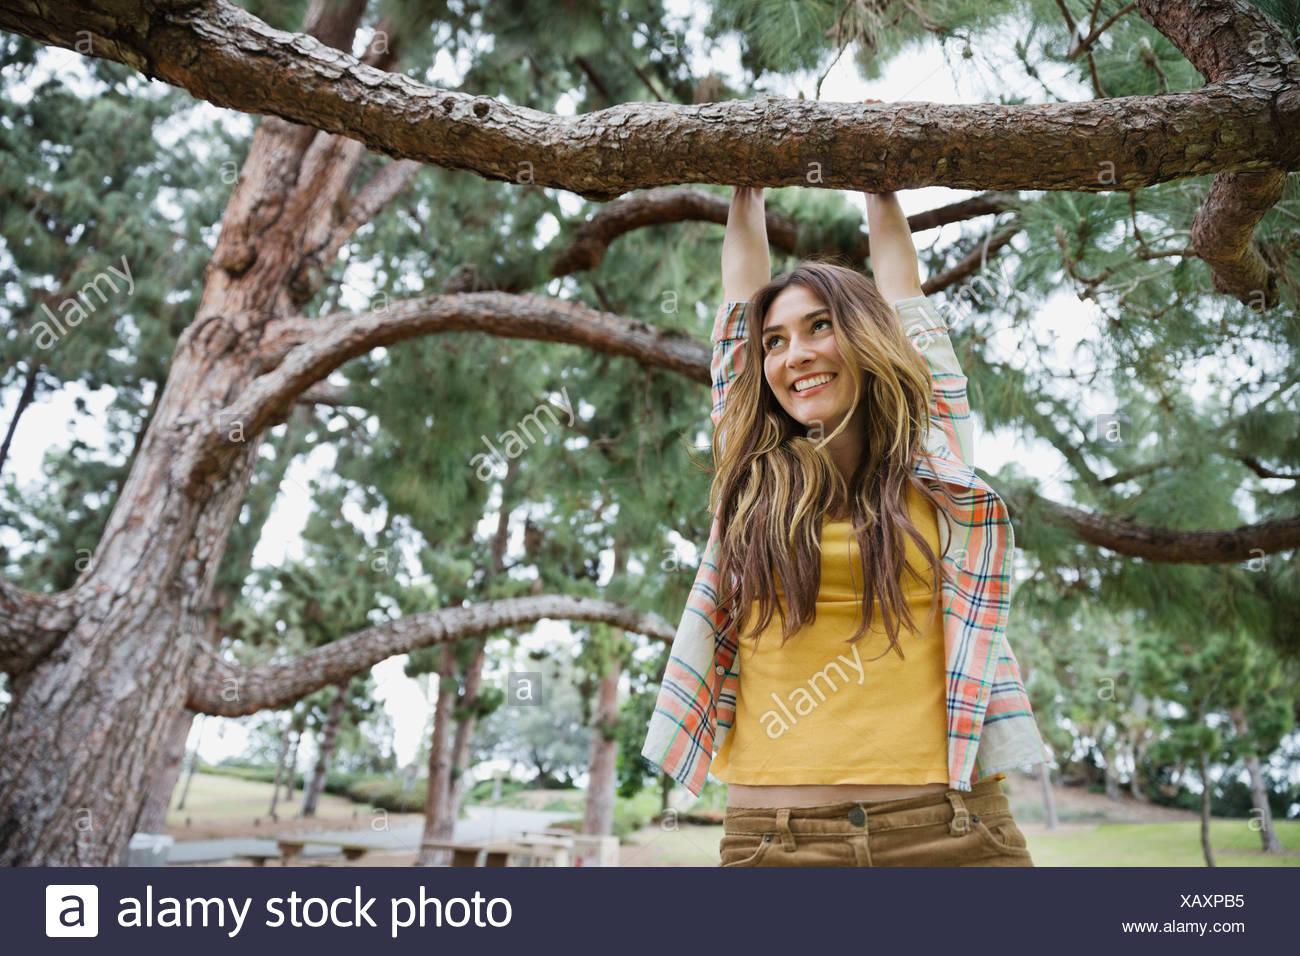 Felice giovane donna che guarda verso l'alto mentre è appesa sul ramo di albero in posizione di parcheggio Immagini Stock